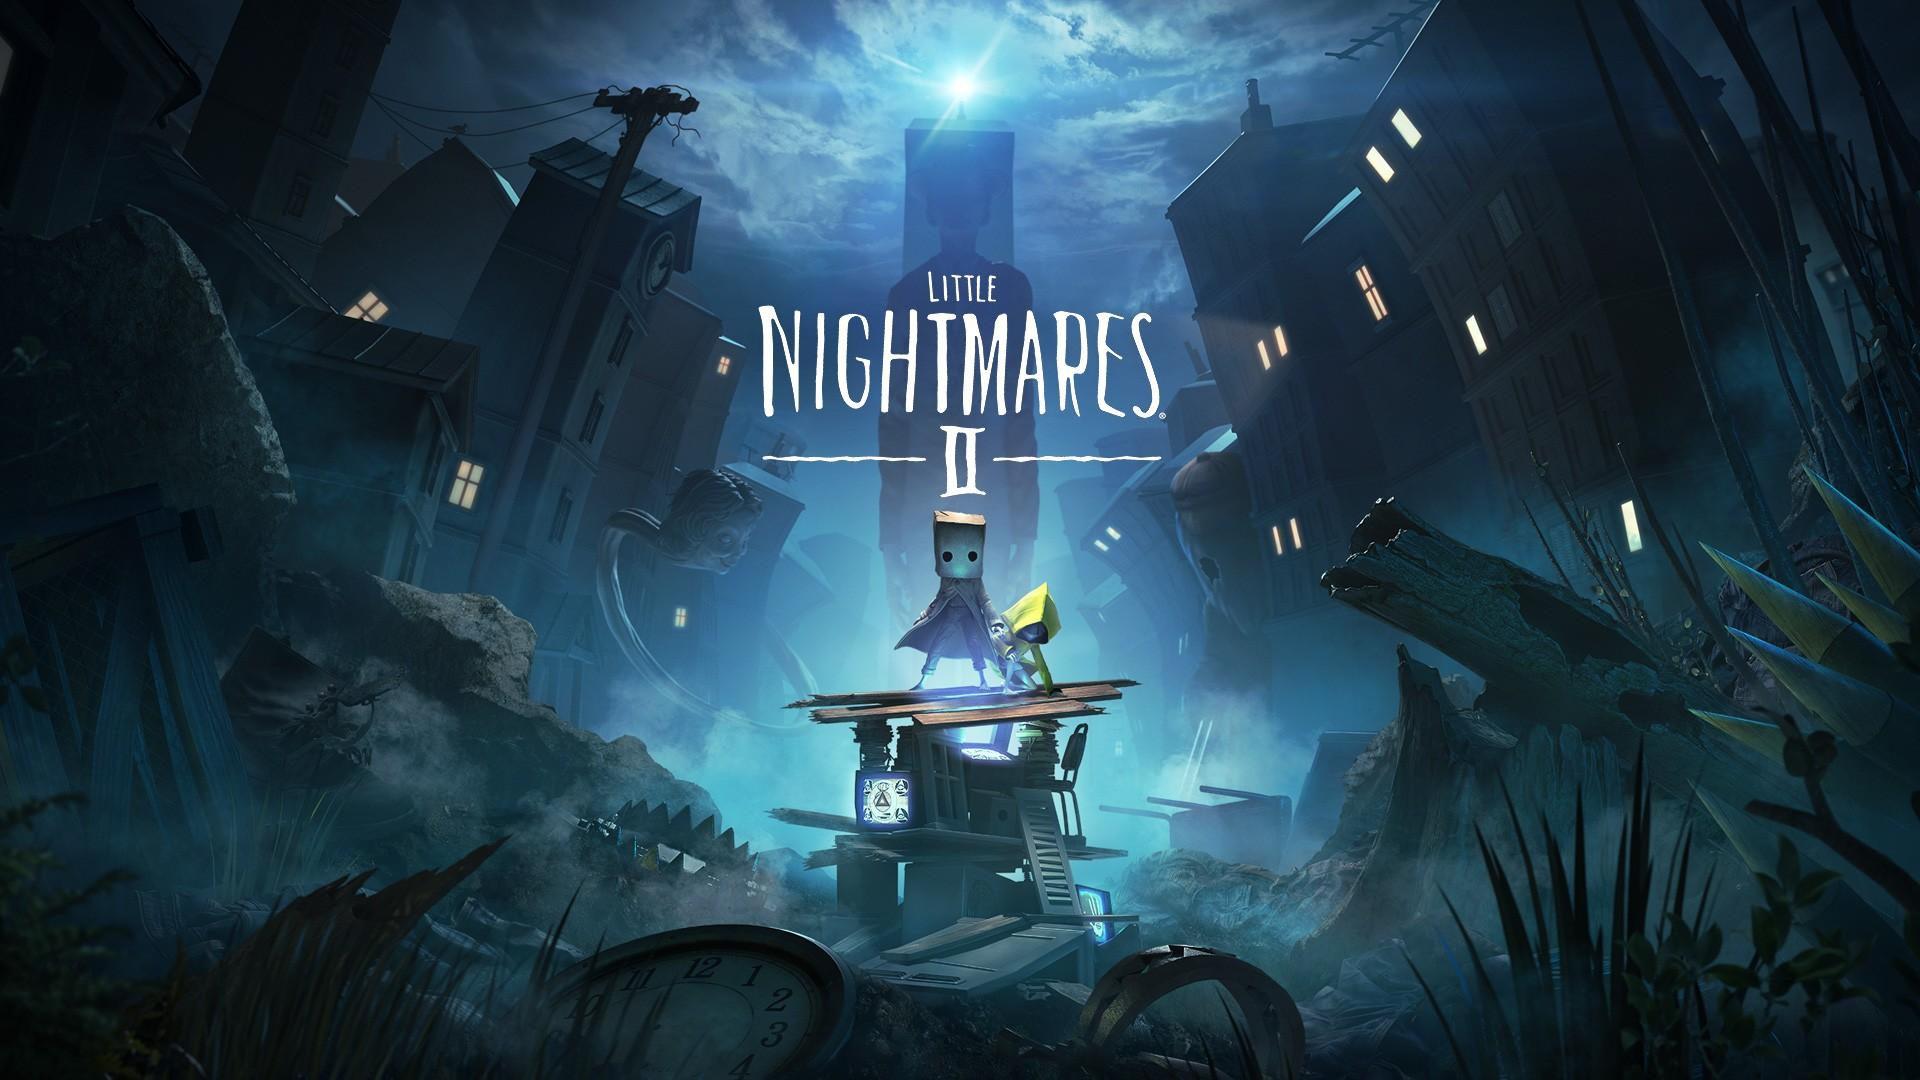 Little Nightmares HD Wallpaper